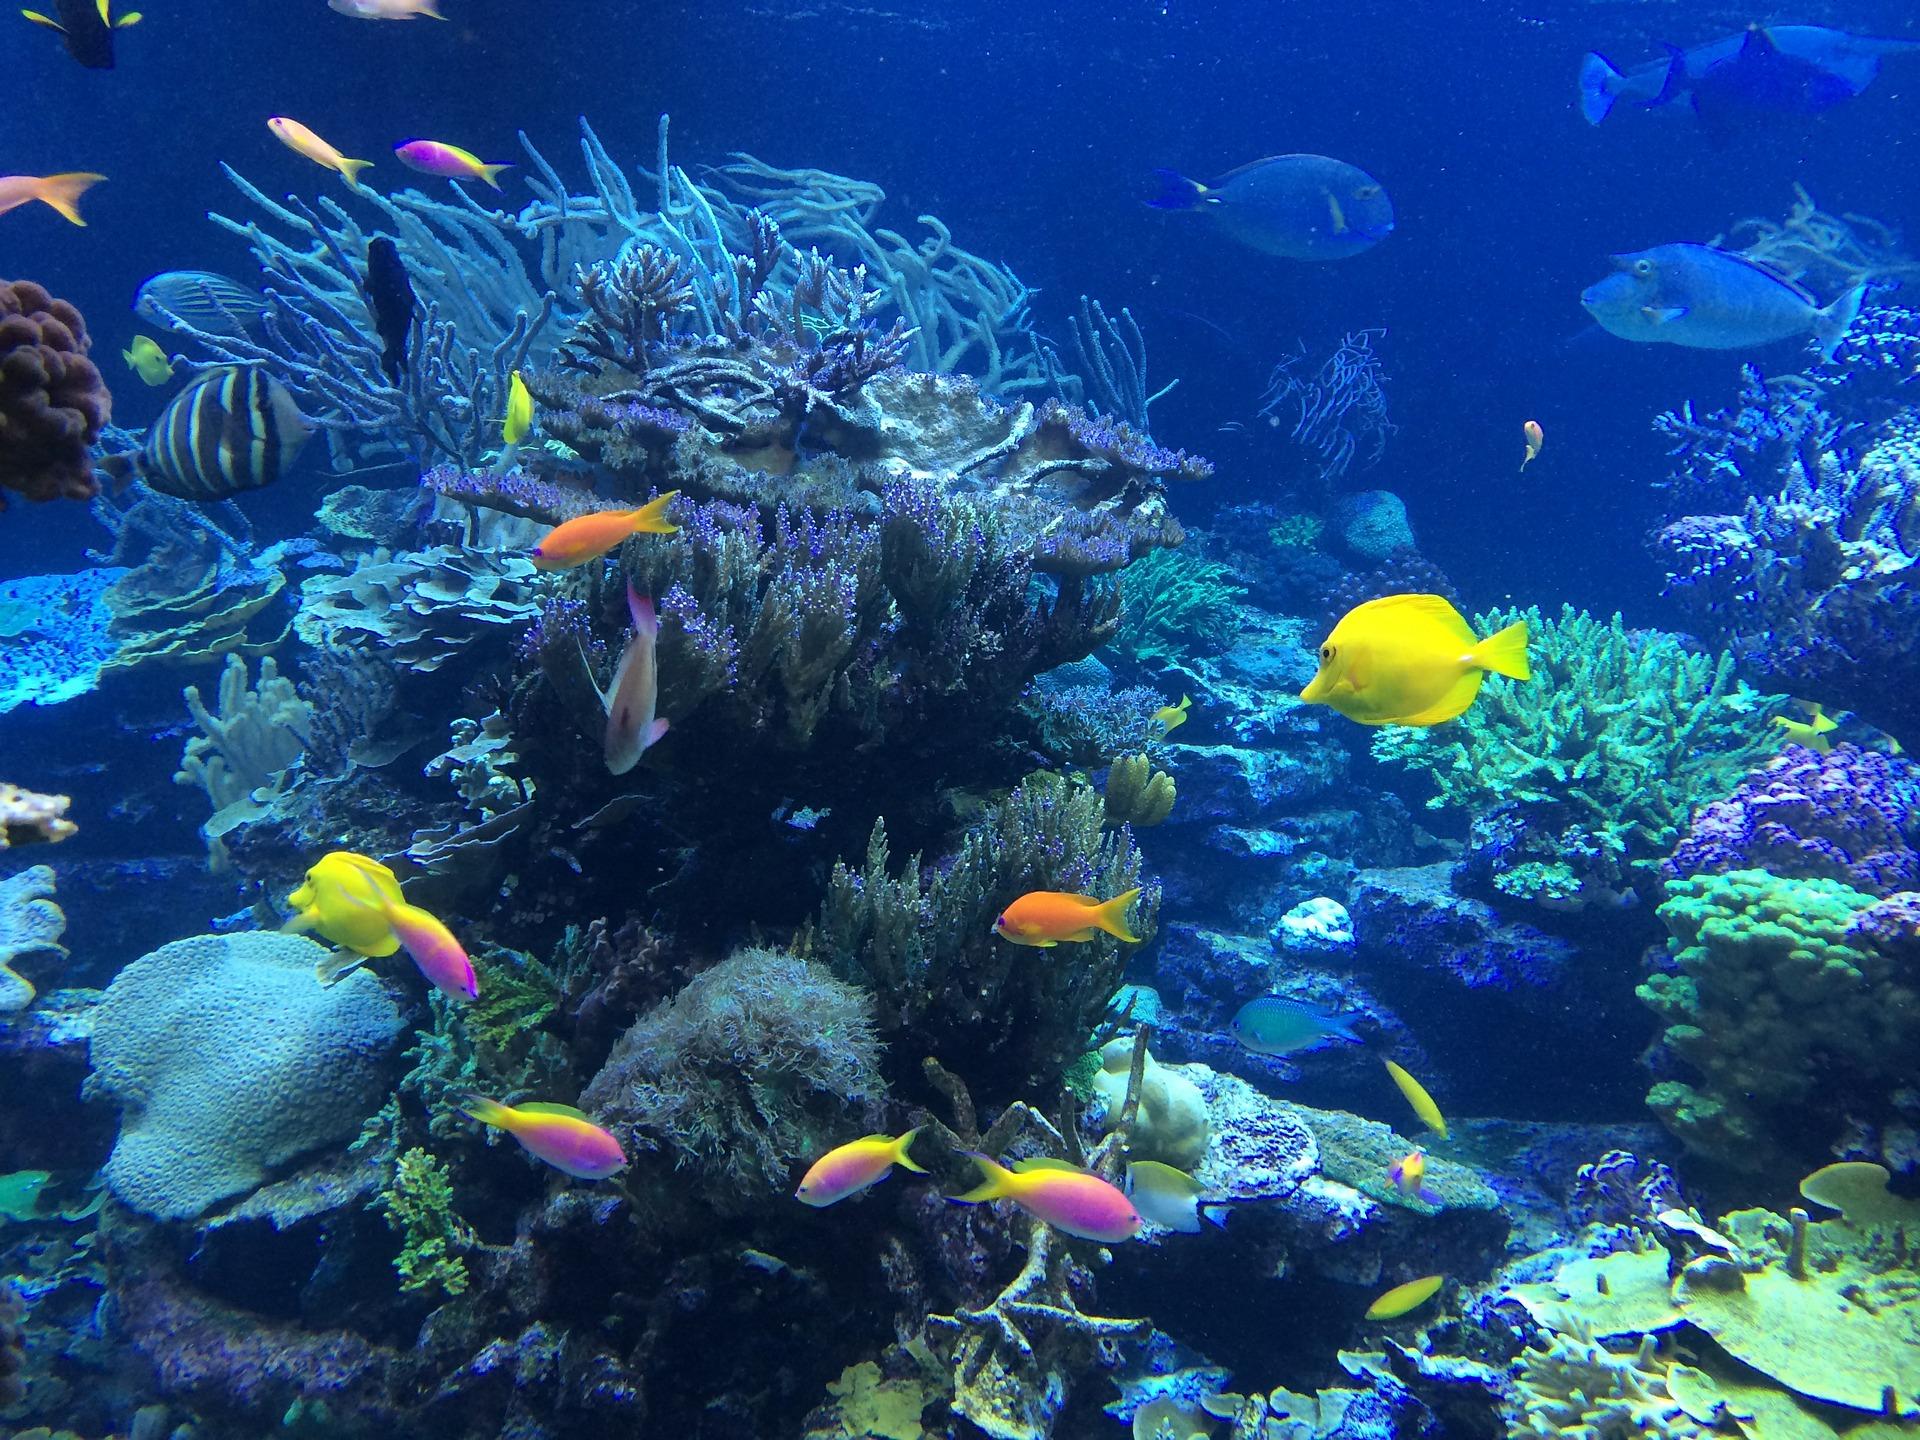 underwater-408904_1920.jpg